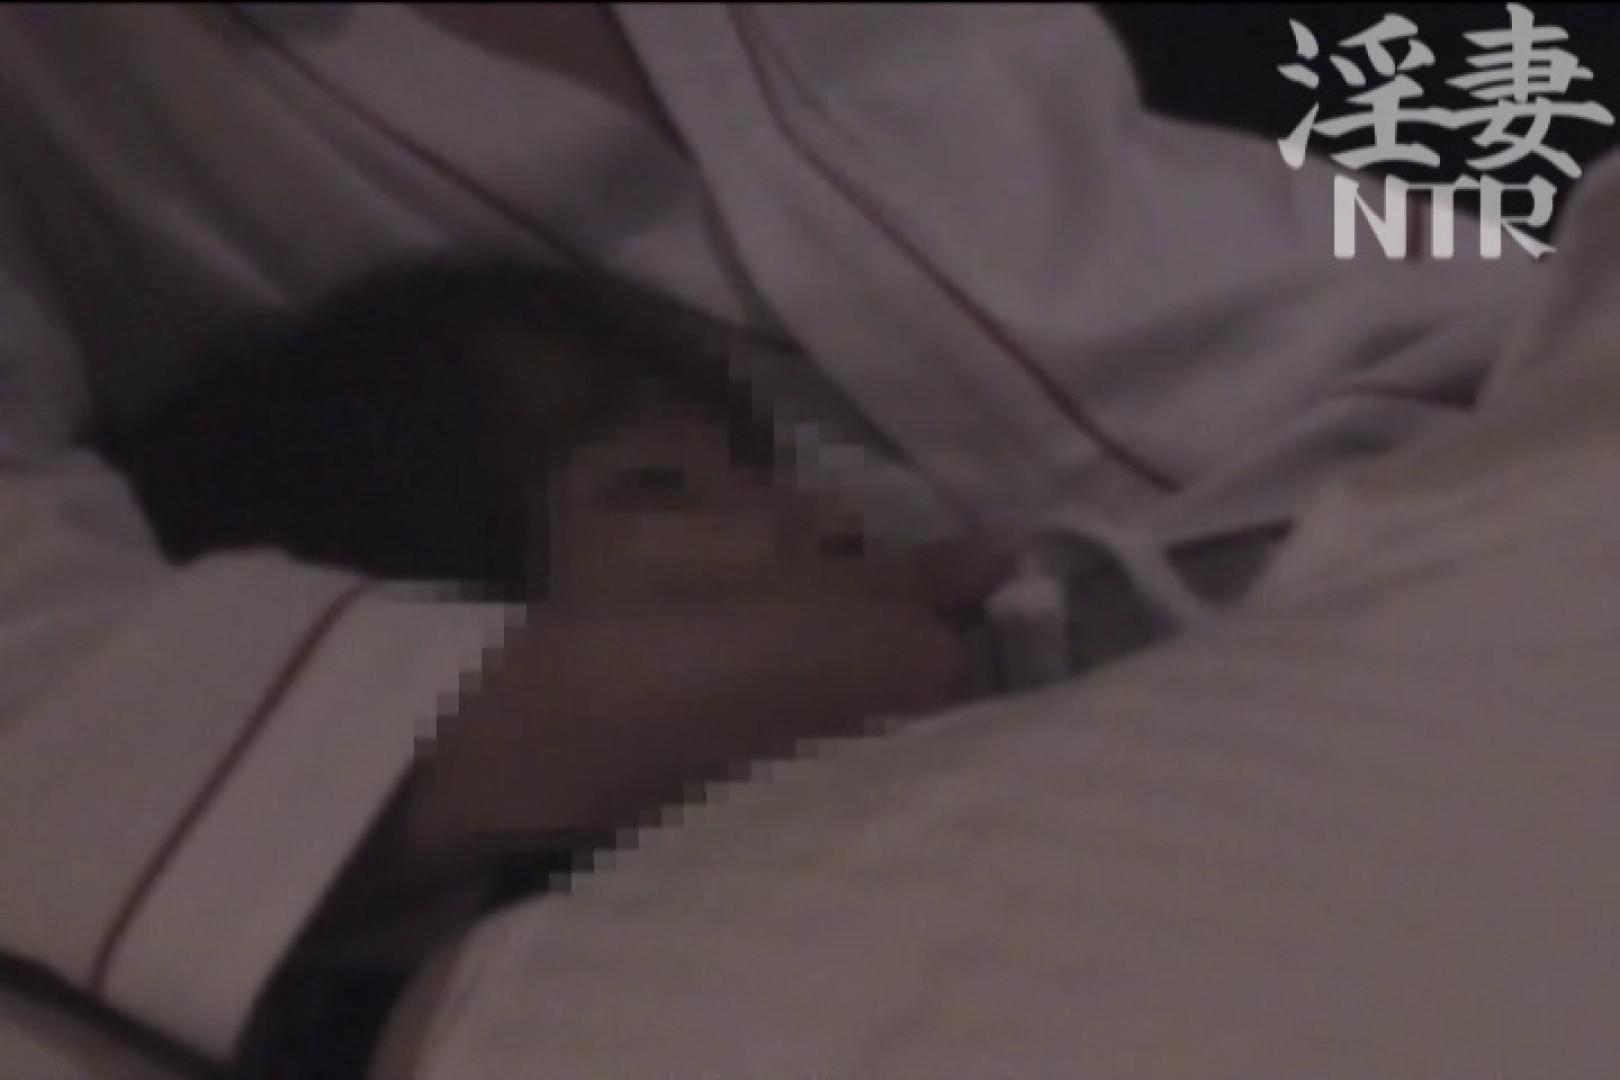 淫乱彩女 麻優里 彼氏2人と旦那の同僚と 3Pプレイ ワレメ無修正動画無料 80pic 24